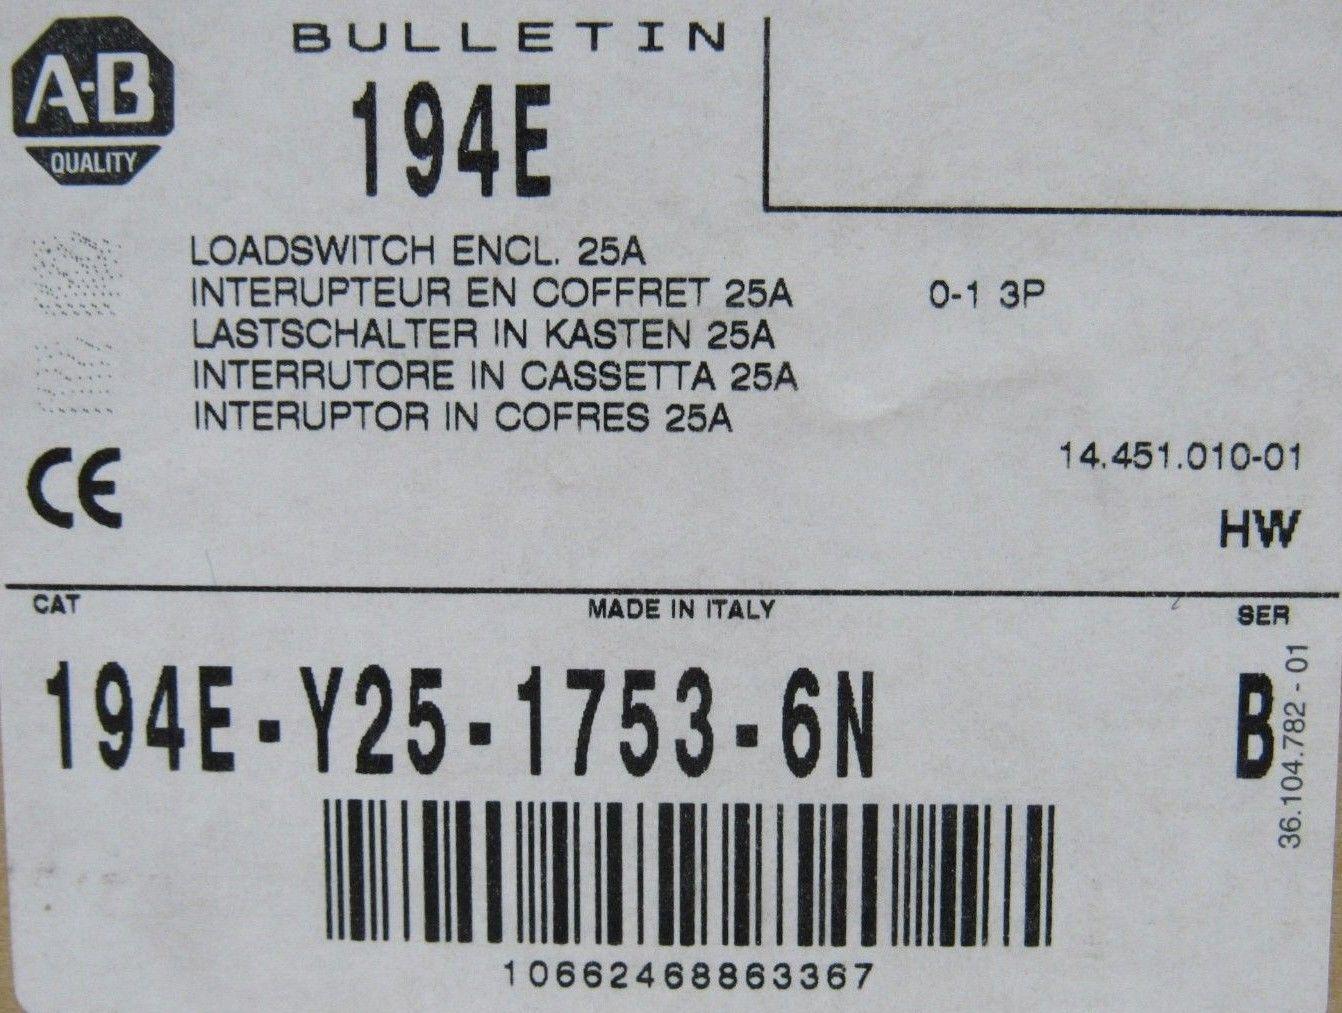 NEW ALLEN BRADLEY 194E-Y25-1753-6N LOAD SWITCH SER B